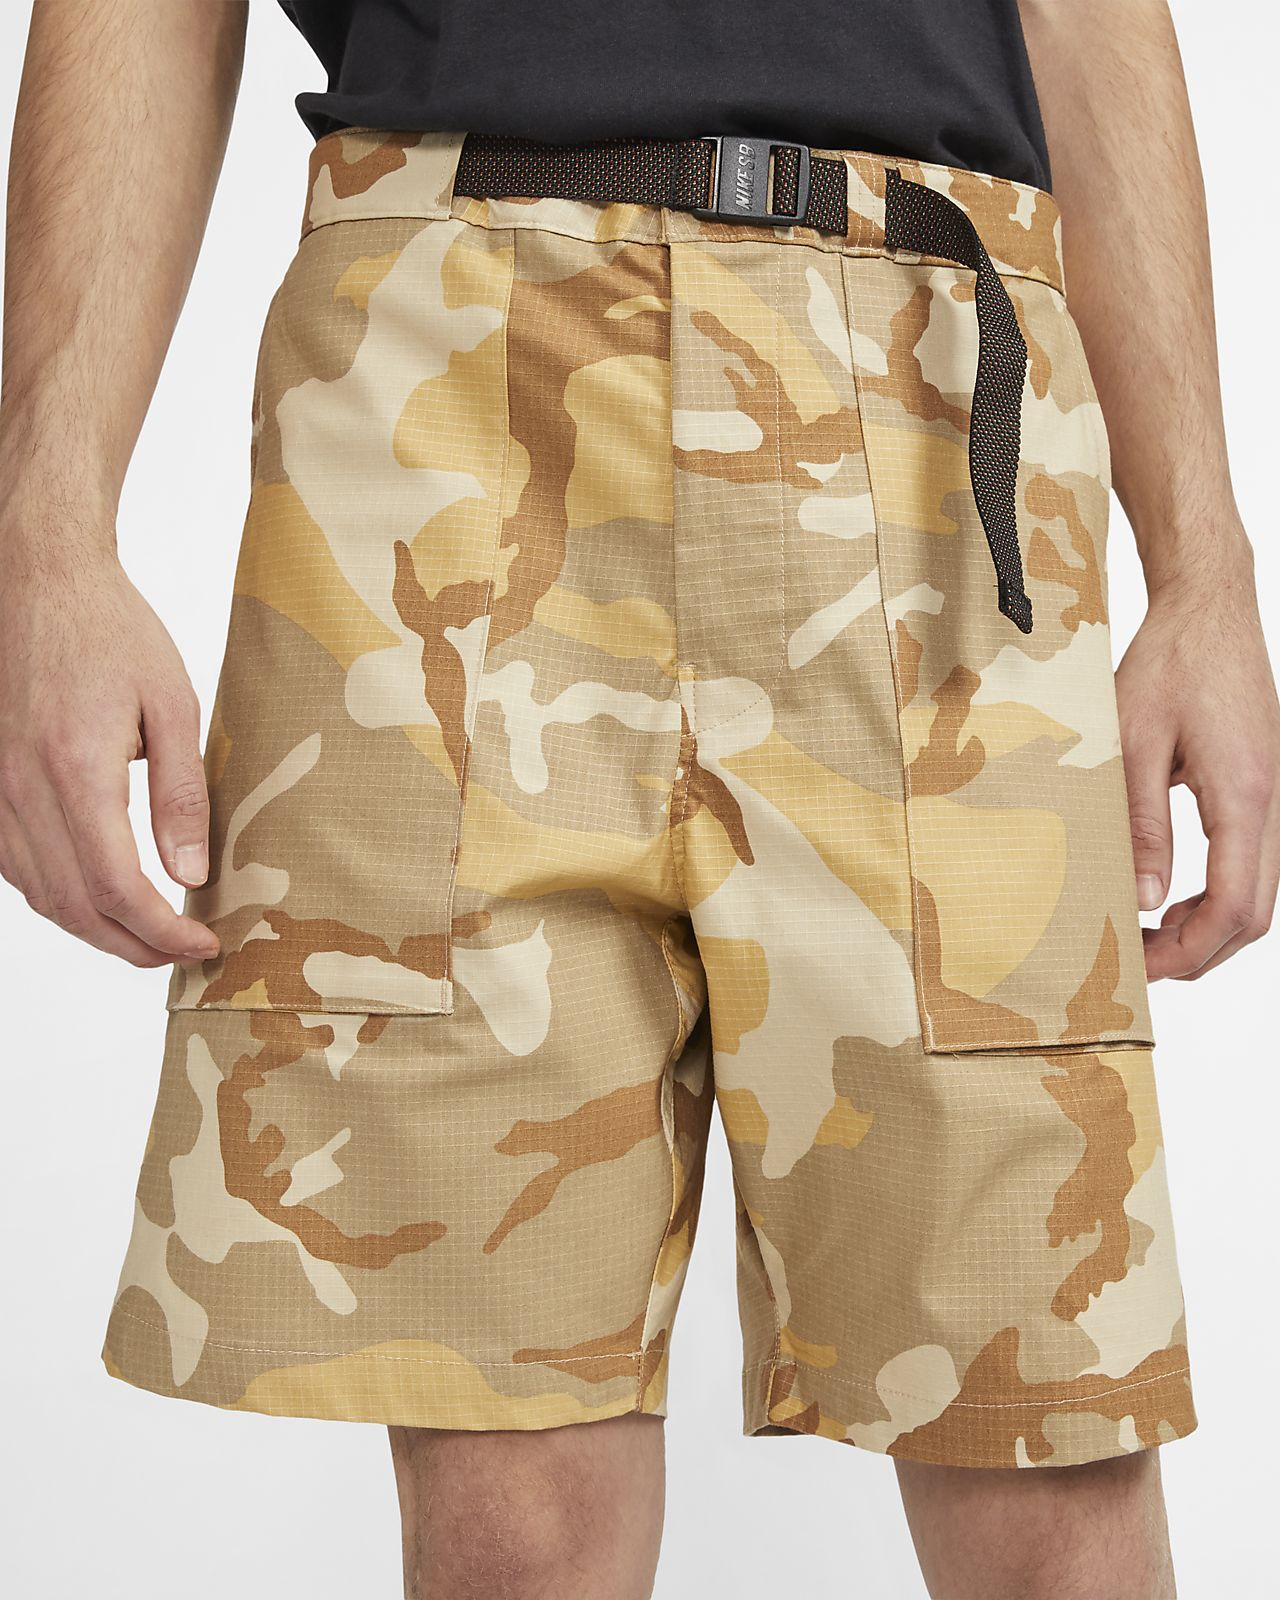 Shorts de skate camuflados para hombre Nike SB